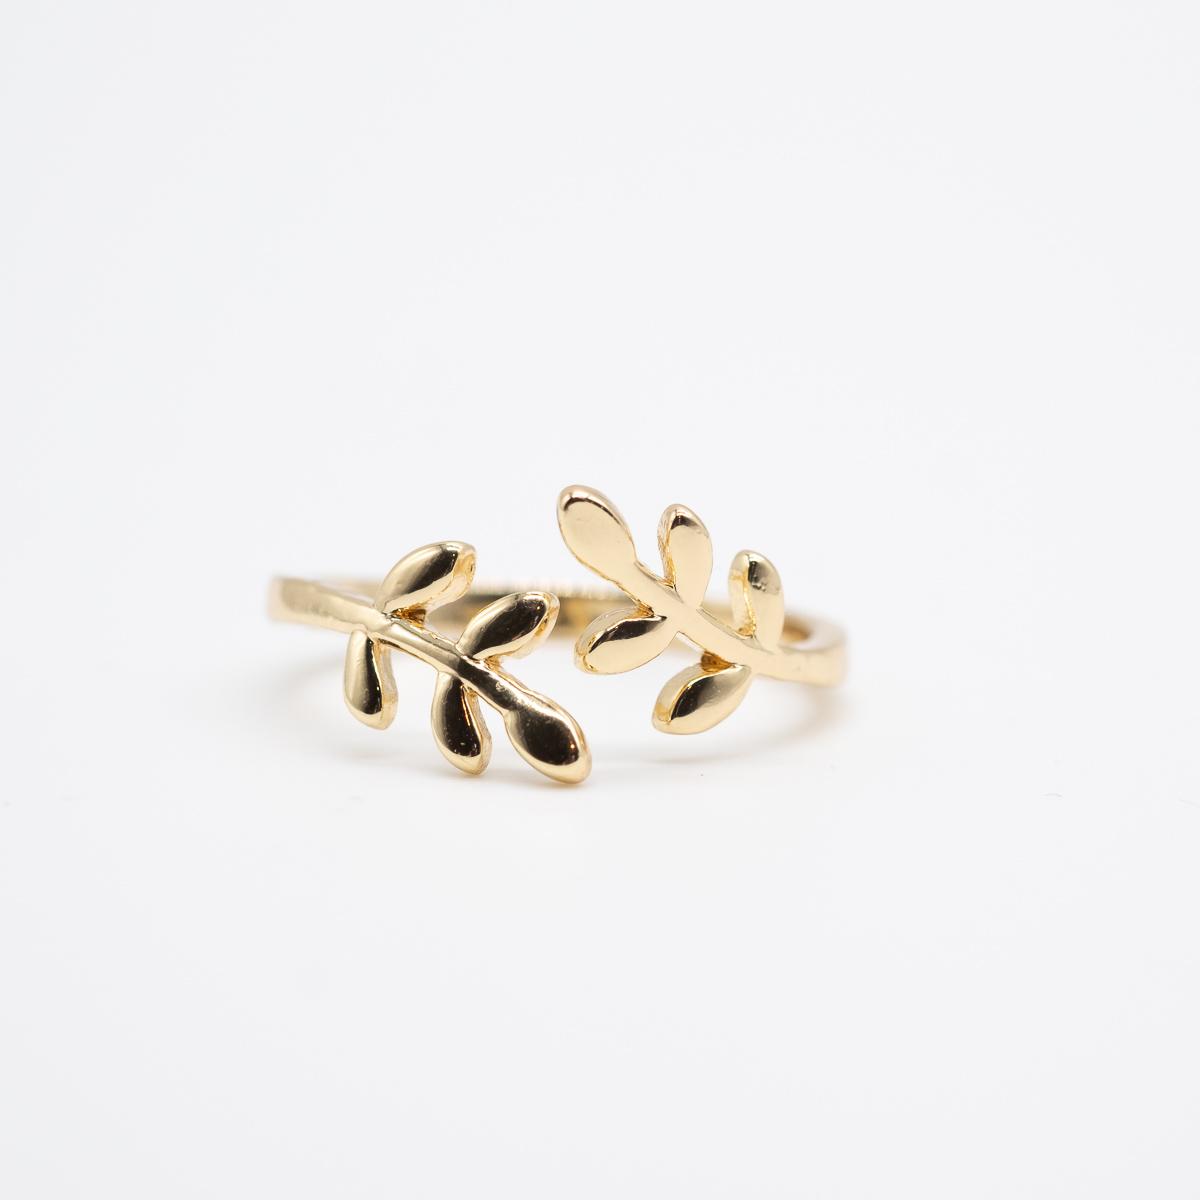 RNG-003 boho ring goud metaal